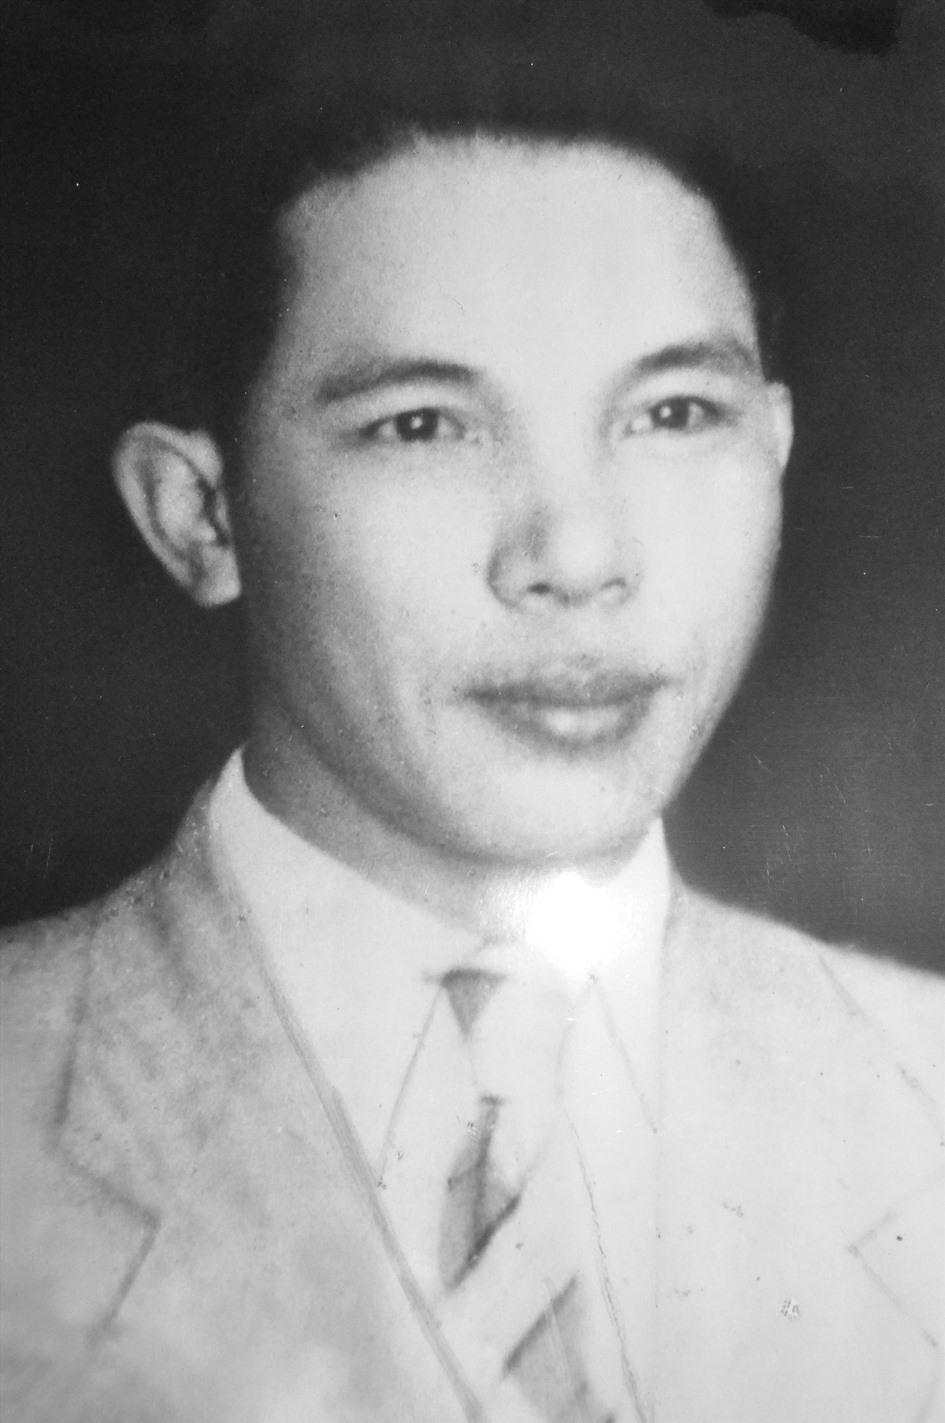 Bí thư Tỉnh ủy Phan Văn Định là người khởi xướng đồng thời là người tổ chức thực hiện ra số đầu tiên của tờ báo Lưỡi Cày.